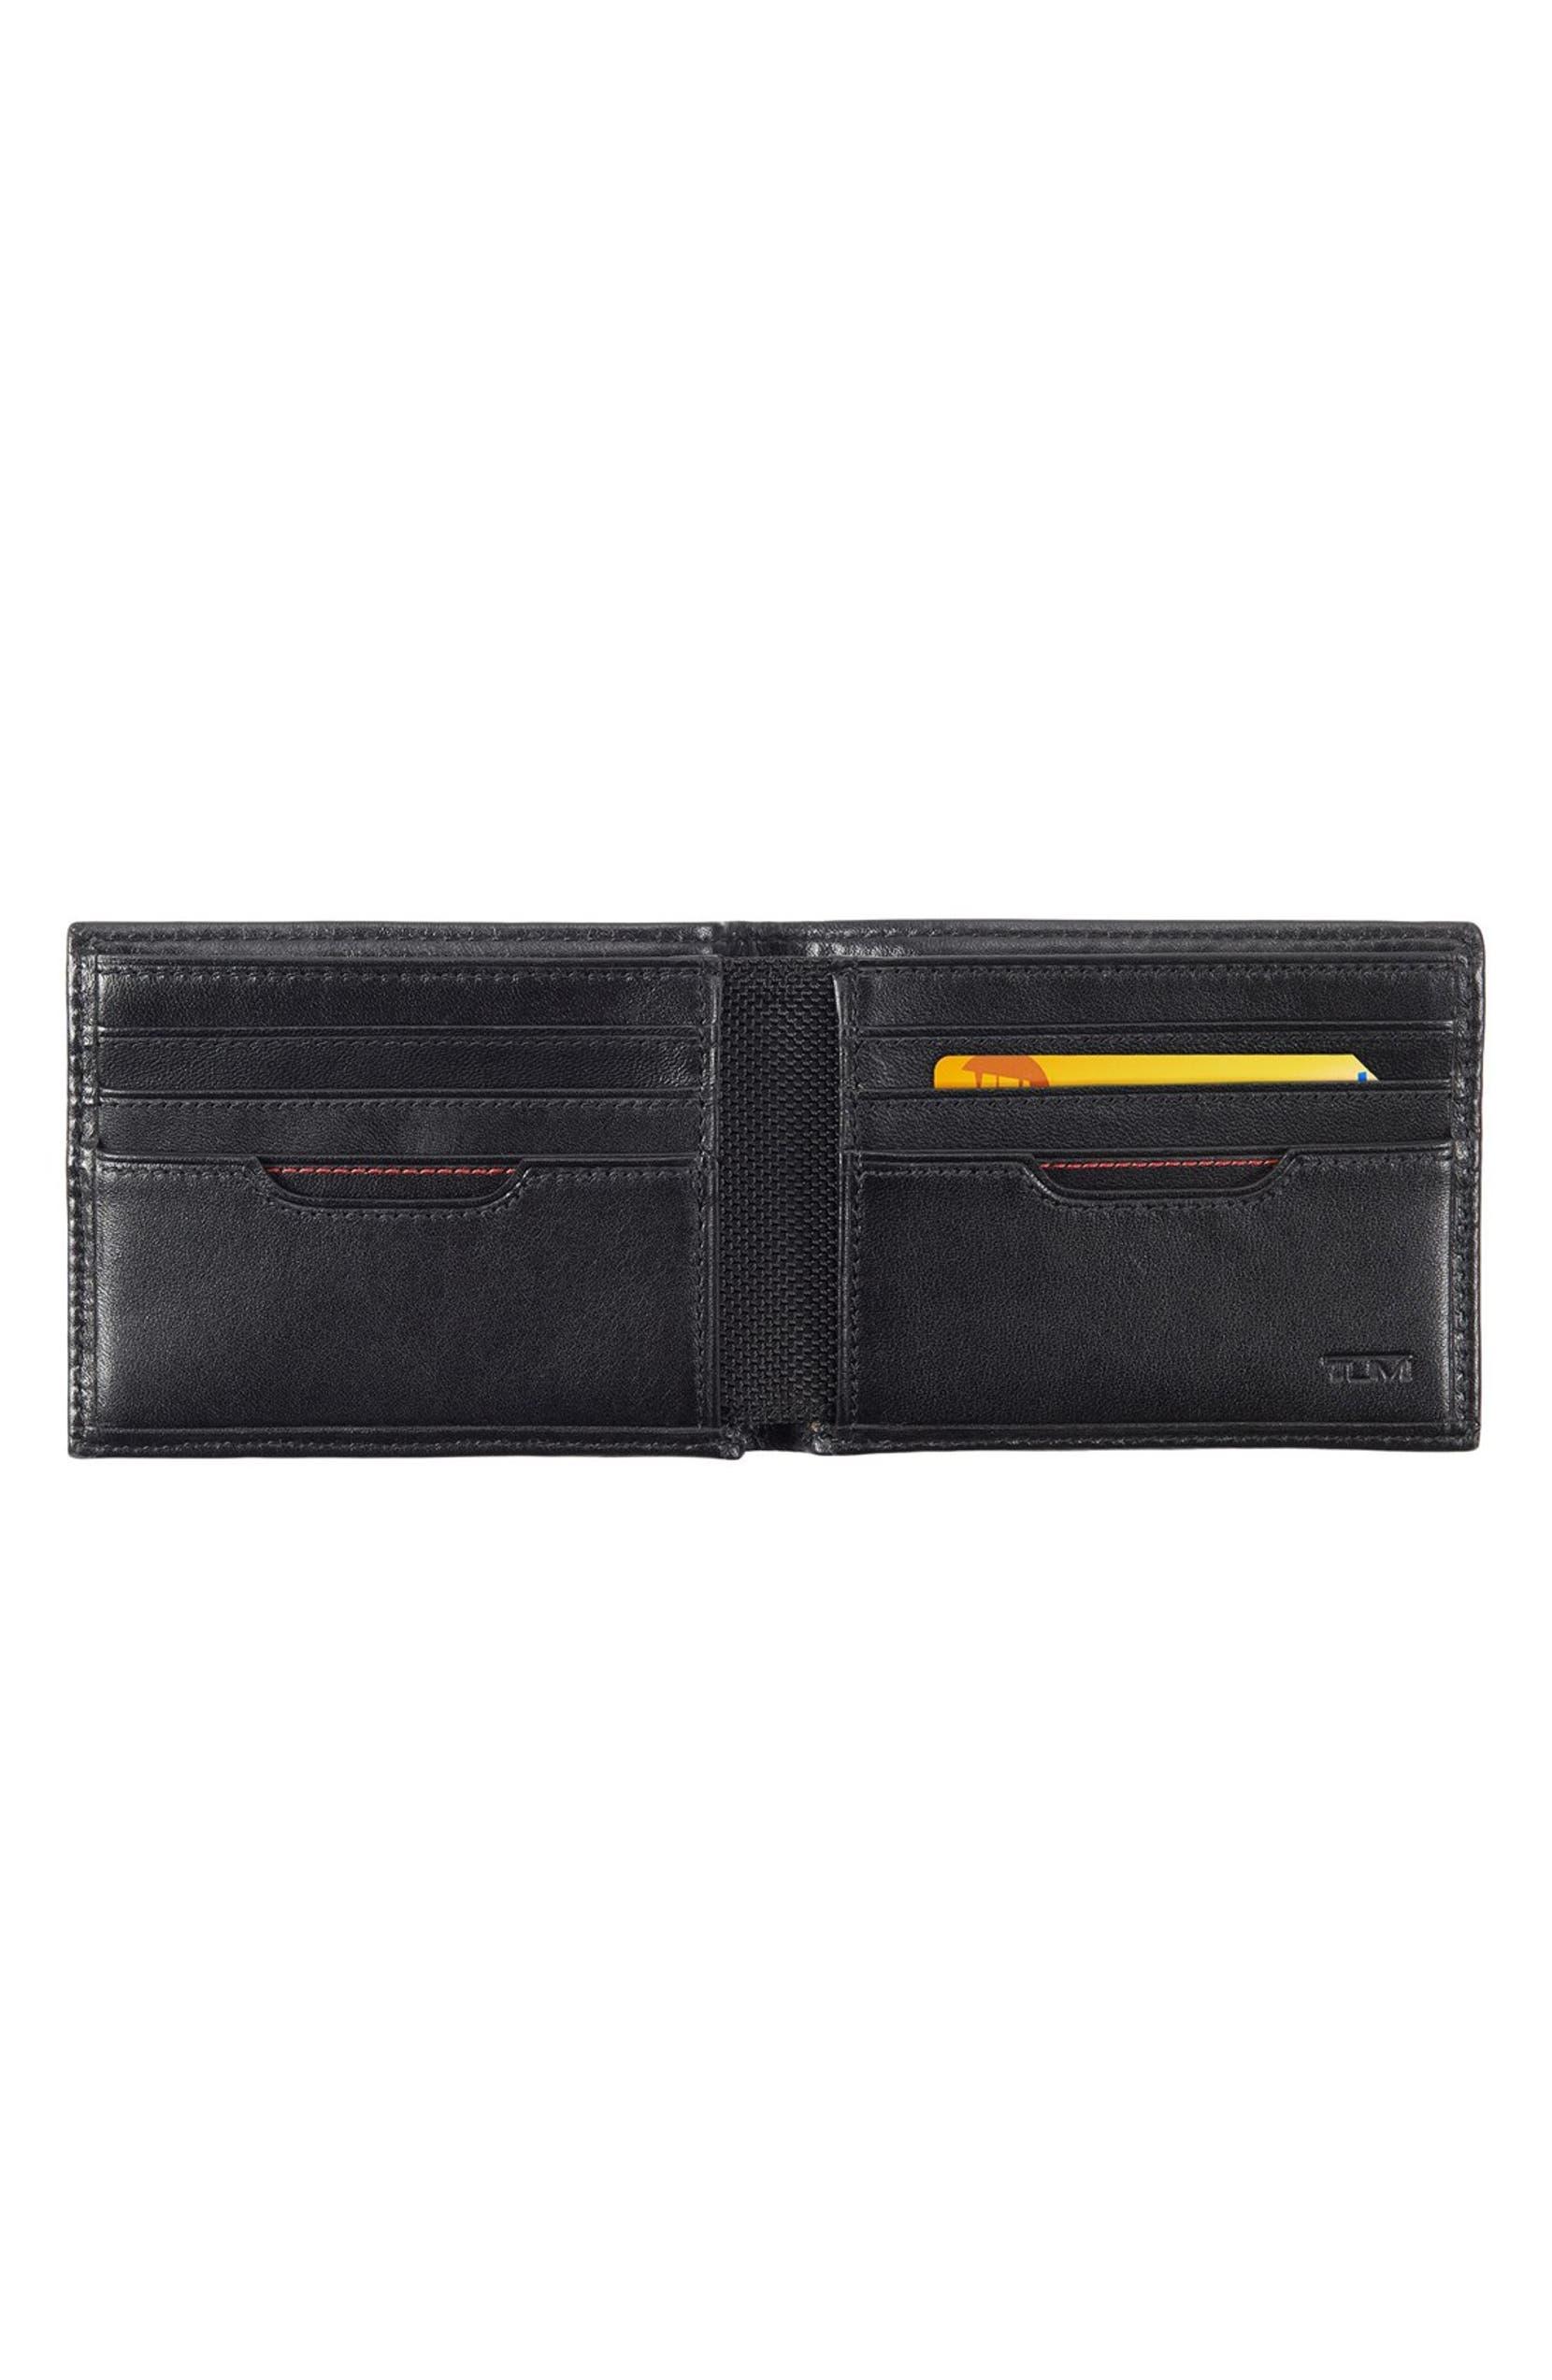 499119d224ee Tumi Delta Global - ID Lock™ Shielded Double Billfold Wallet